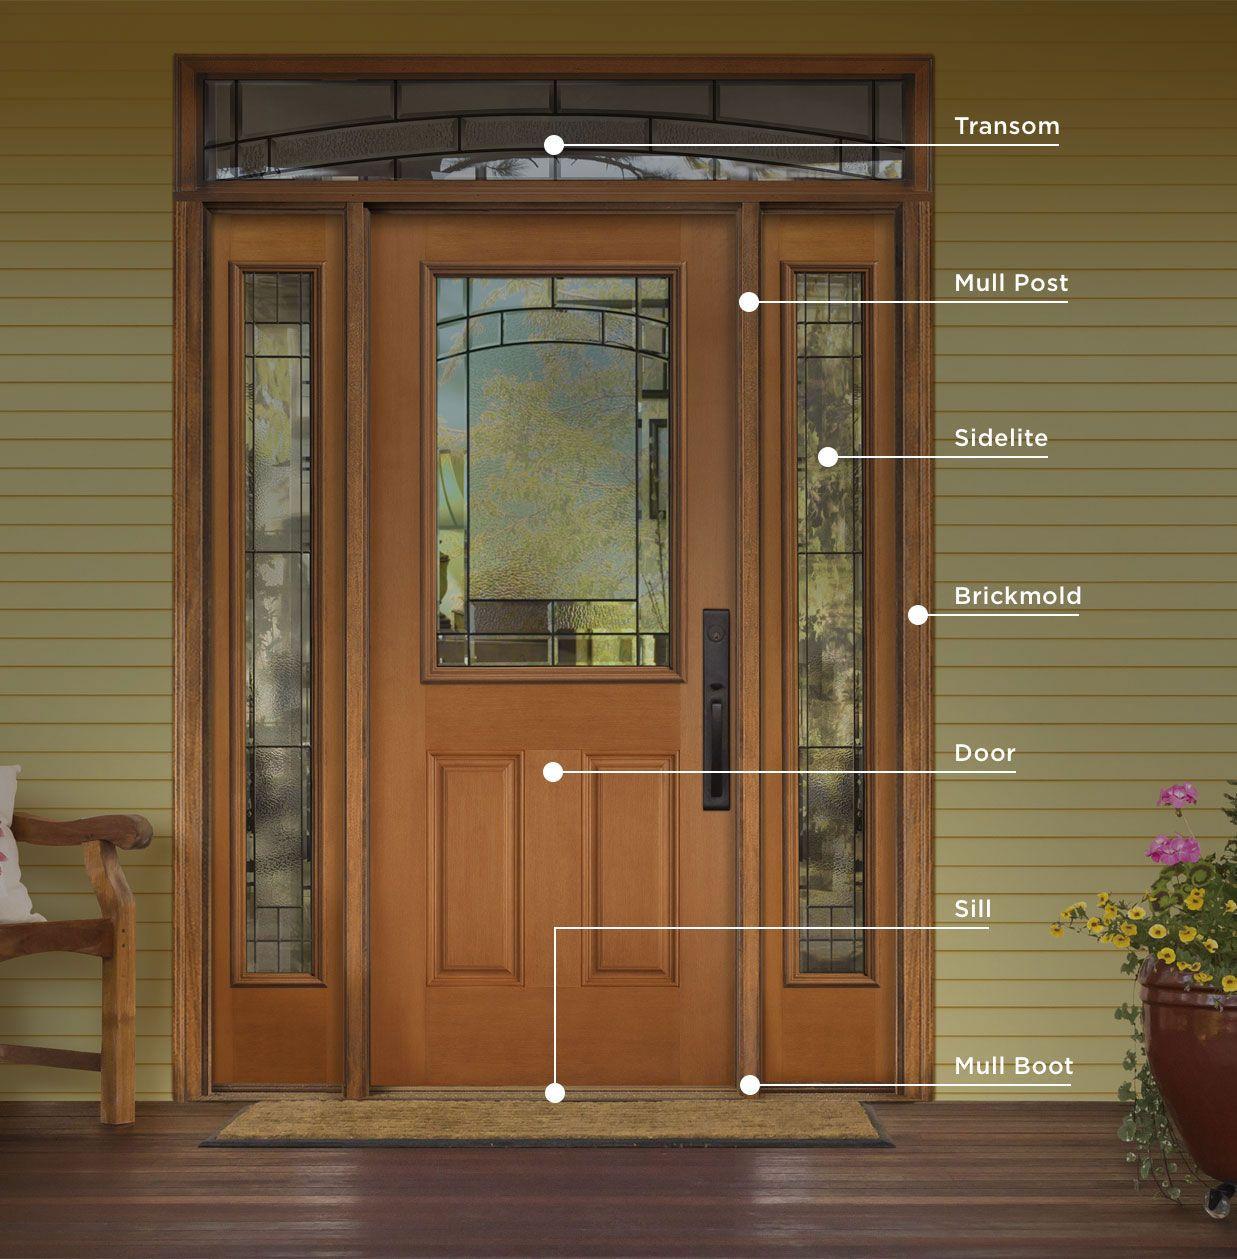 Parts Of A Door Defined